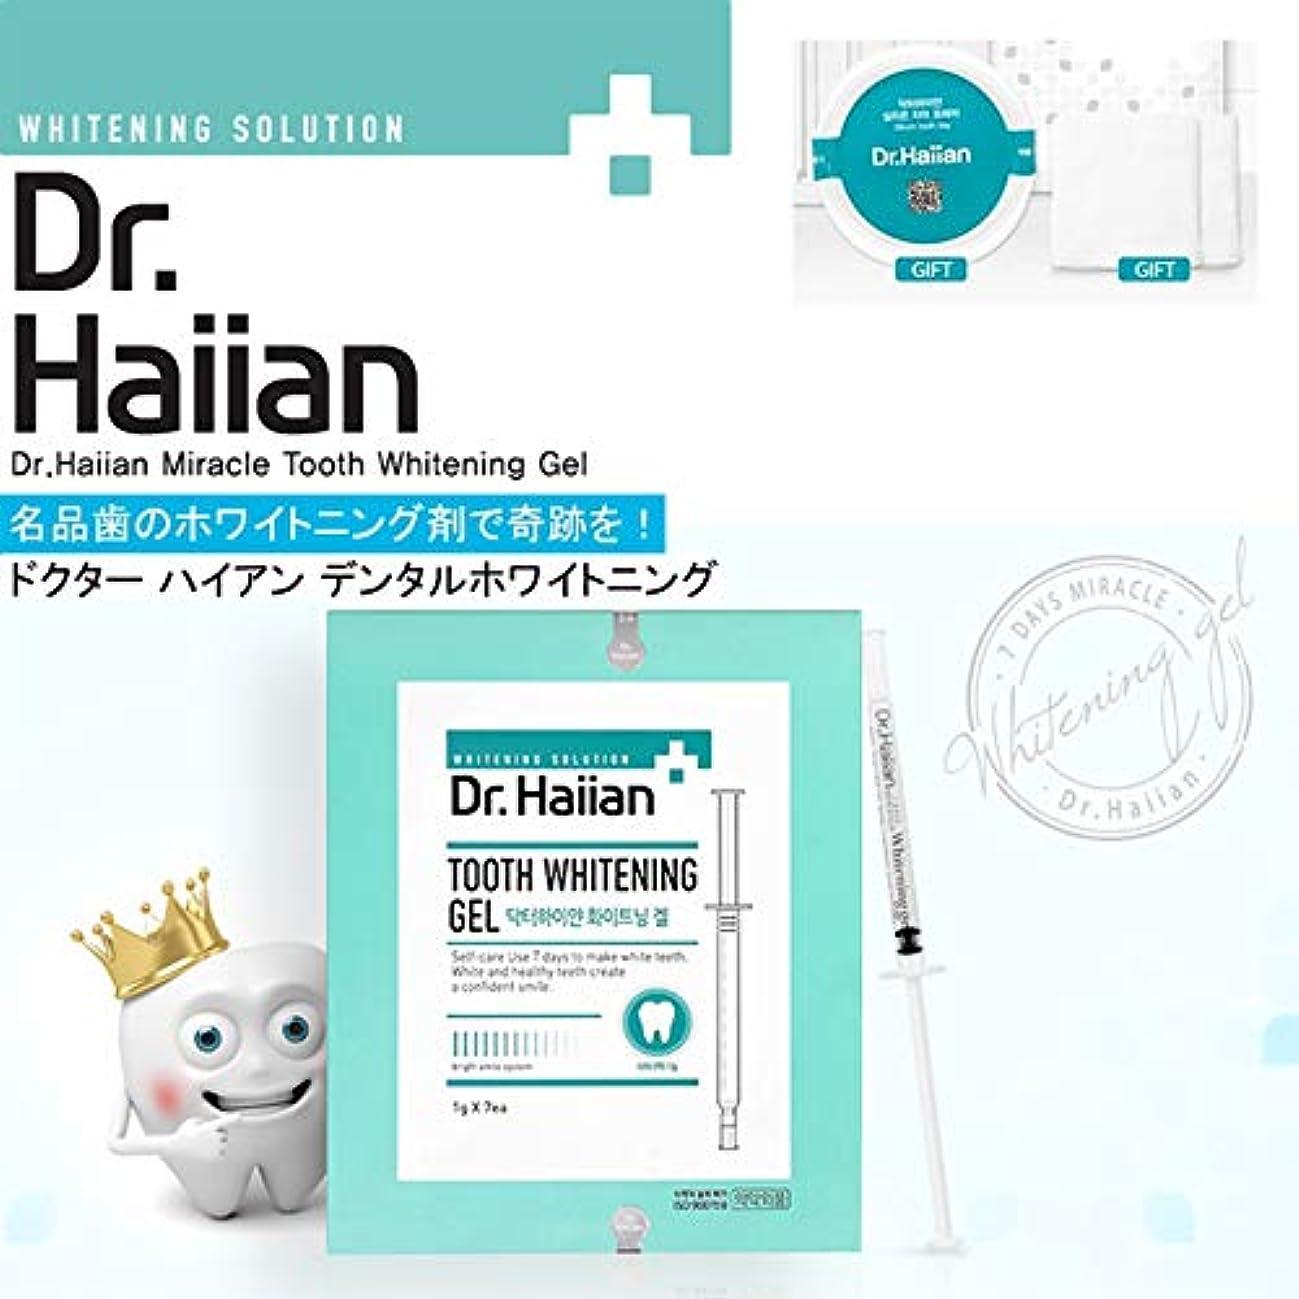 ギターホステル甘味[SAMSUNG PHARM]Dr.Haiian 7Days Miracle/7日間の奇跡 [SAMSUNG PHARM]白い歯を管理するための/使ったら歯が白くなる!/Self-Teeth Whitening Agent...